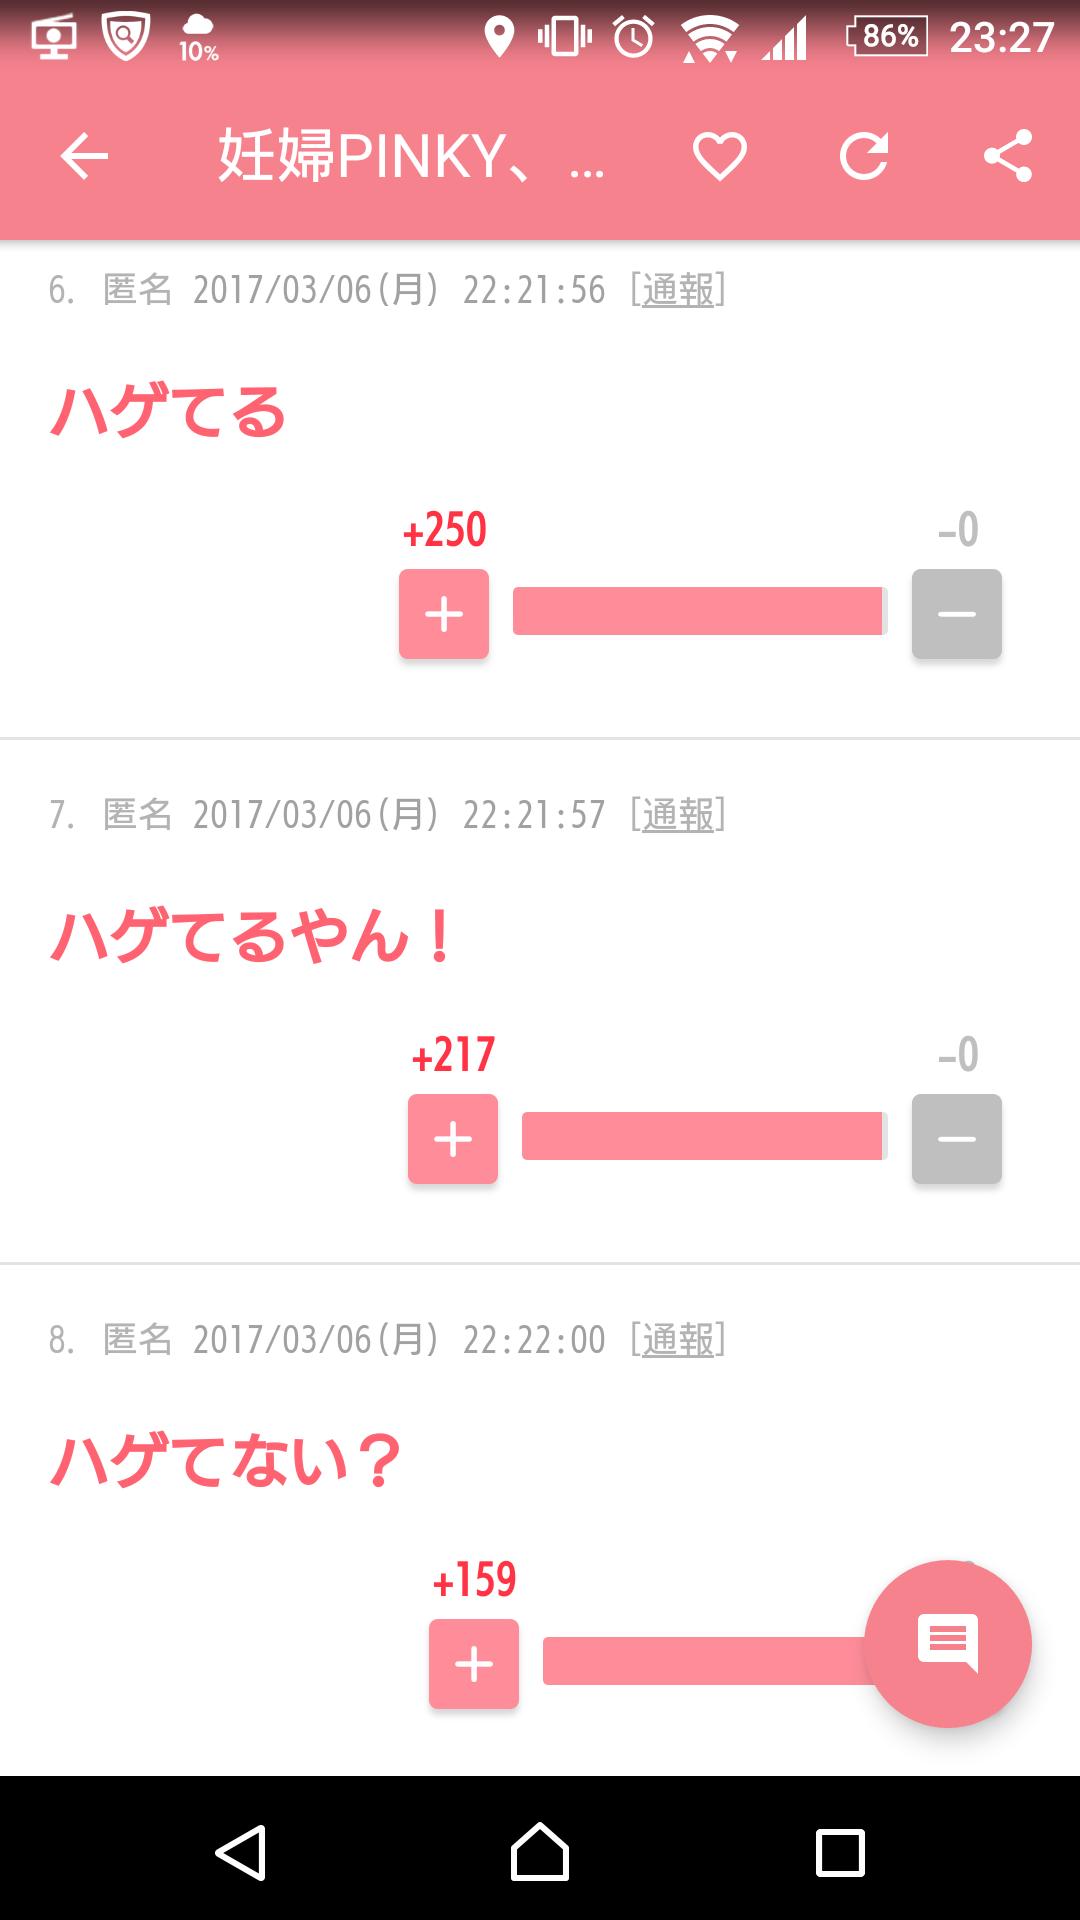 妊婦PINKY、夫・窪塚洋介と幸せ2ショット